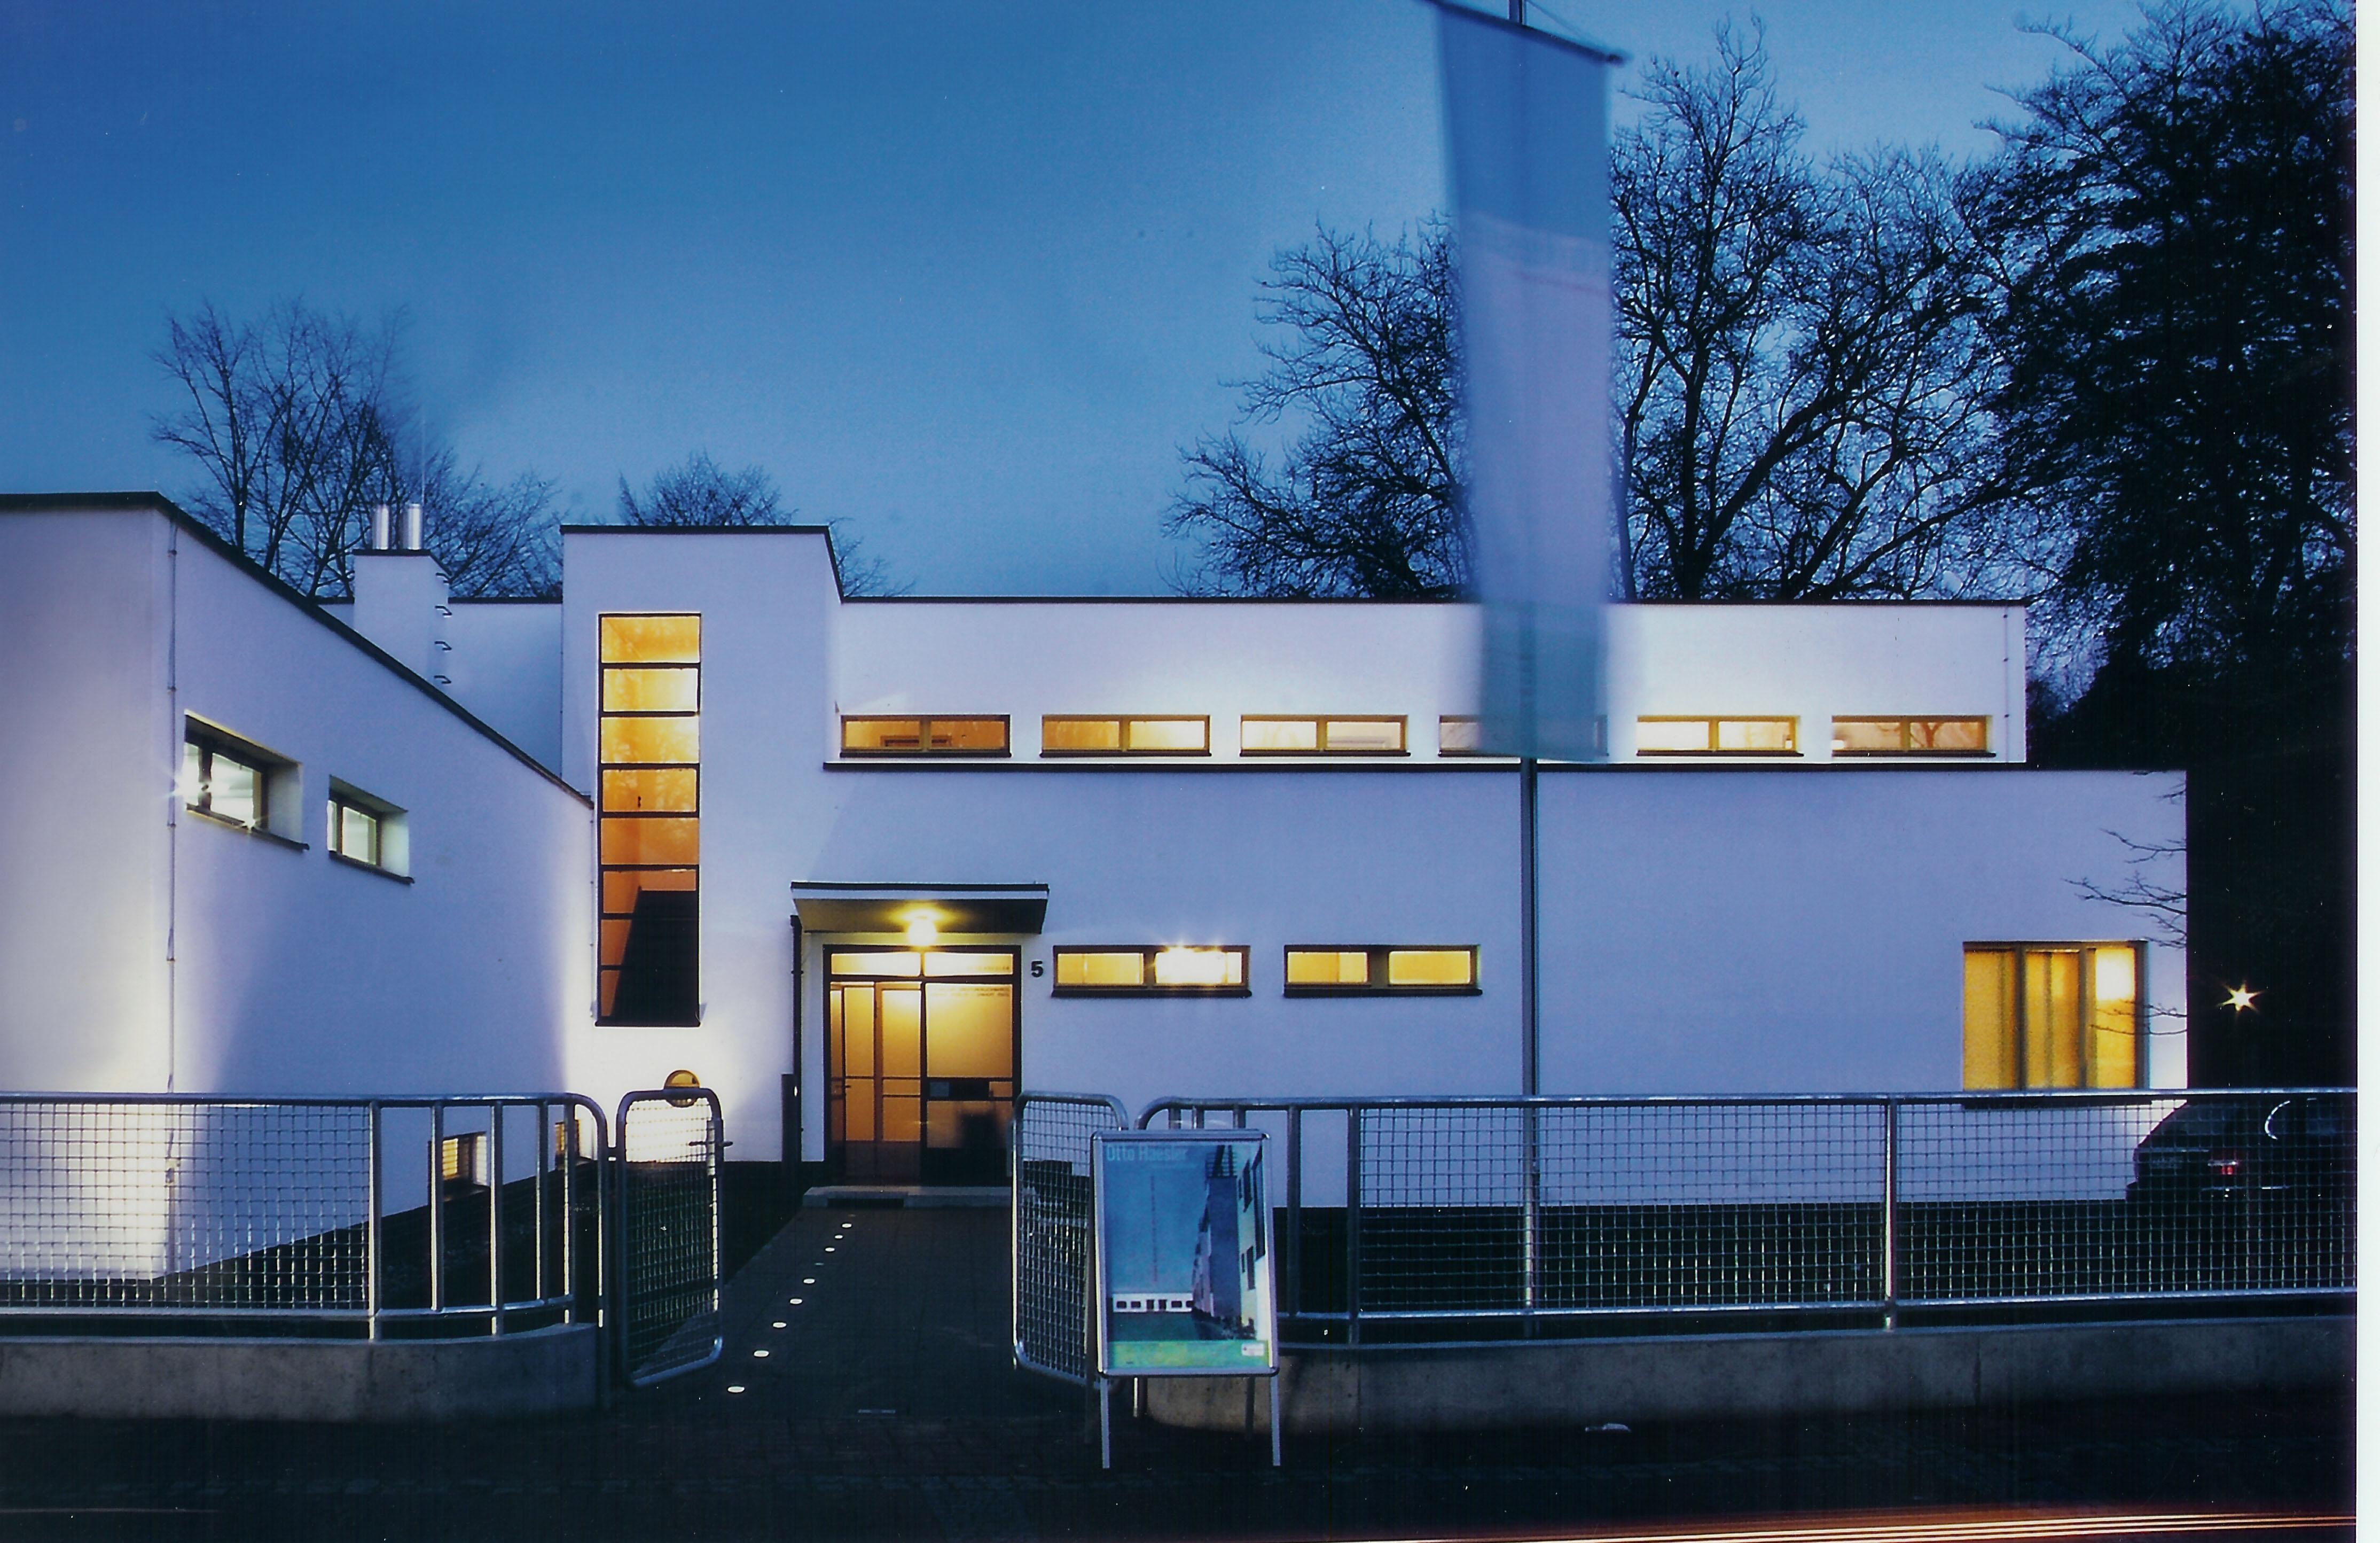 Das Direktorenhaus in Celle